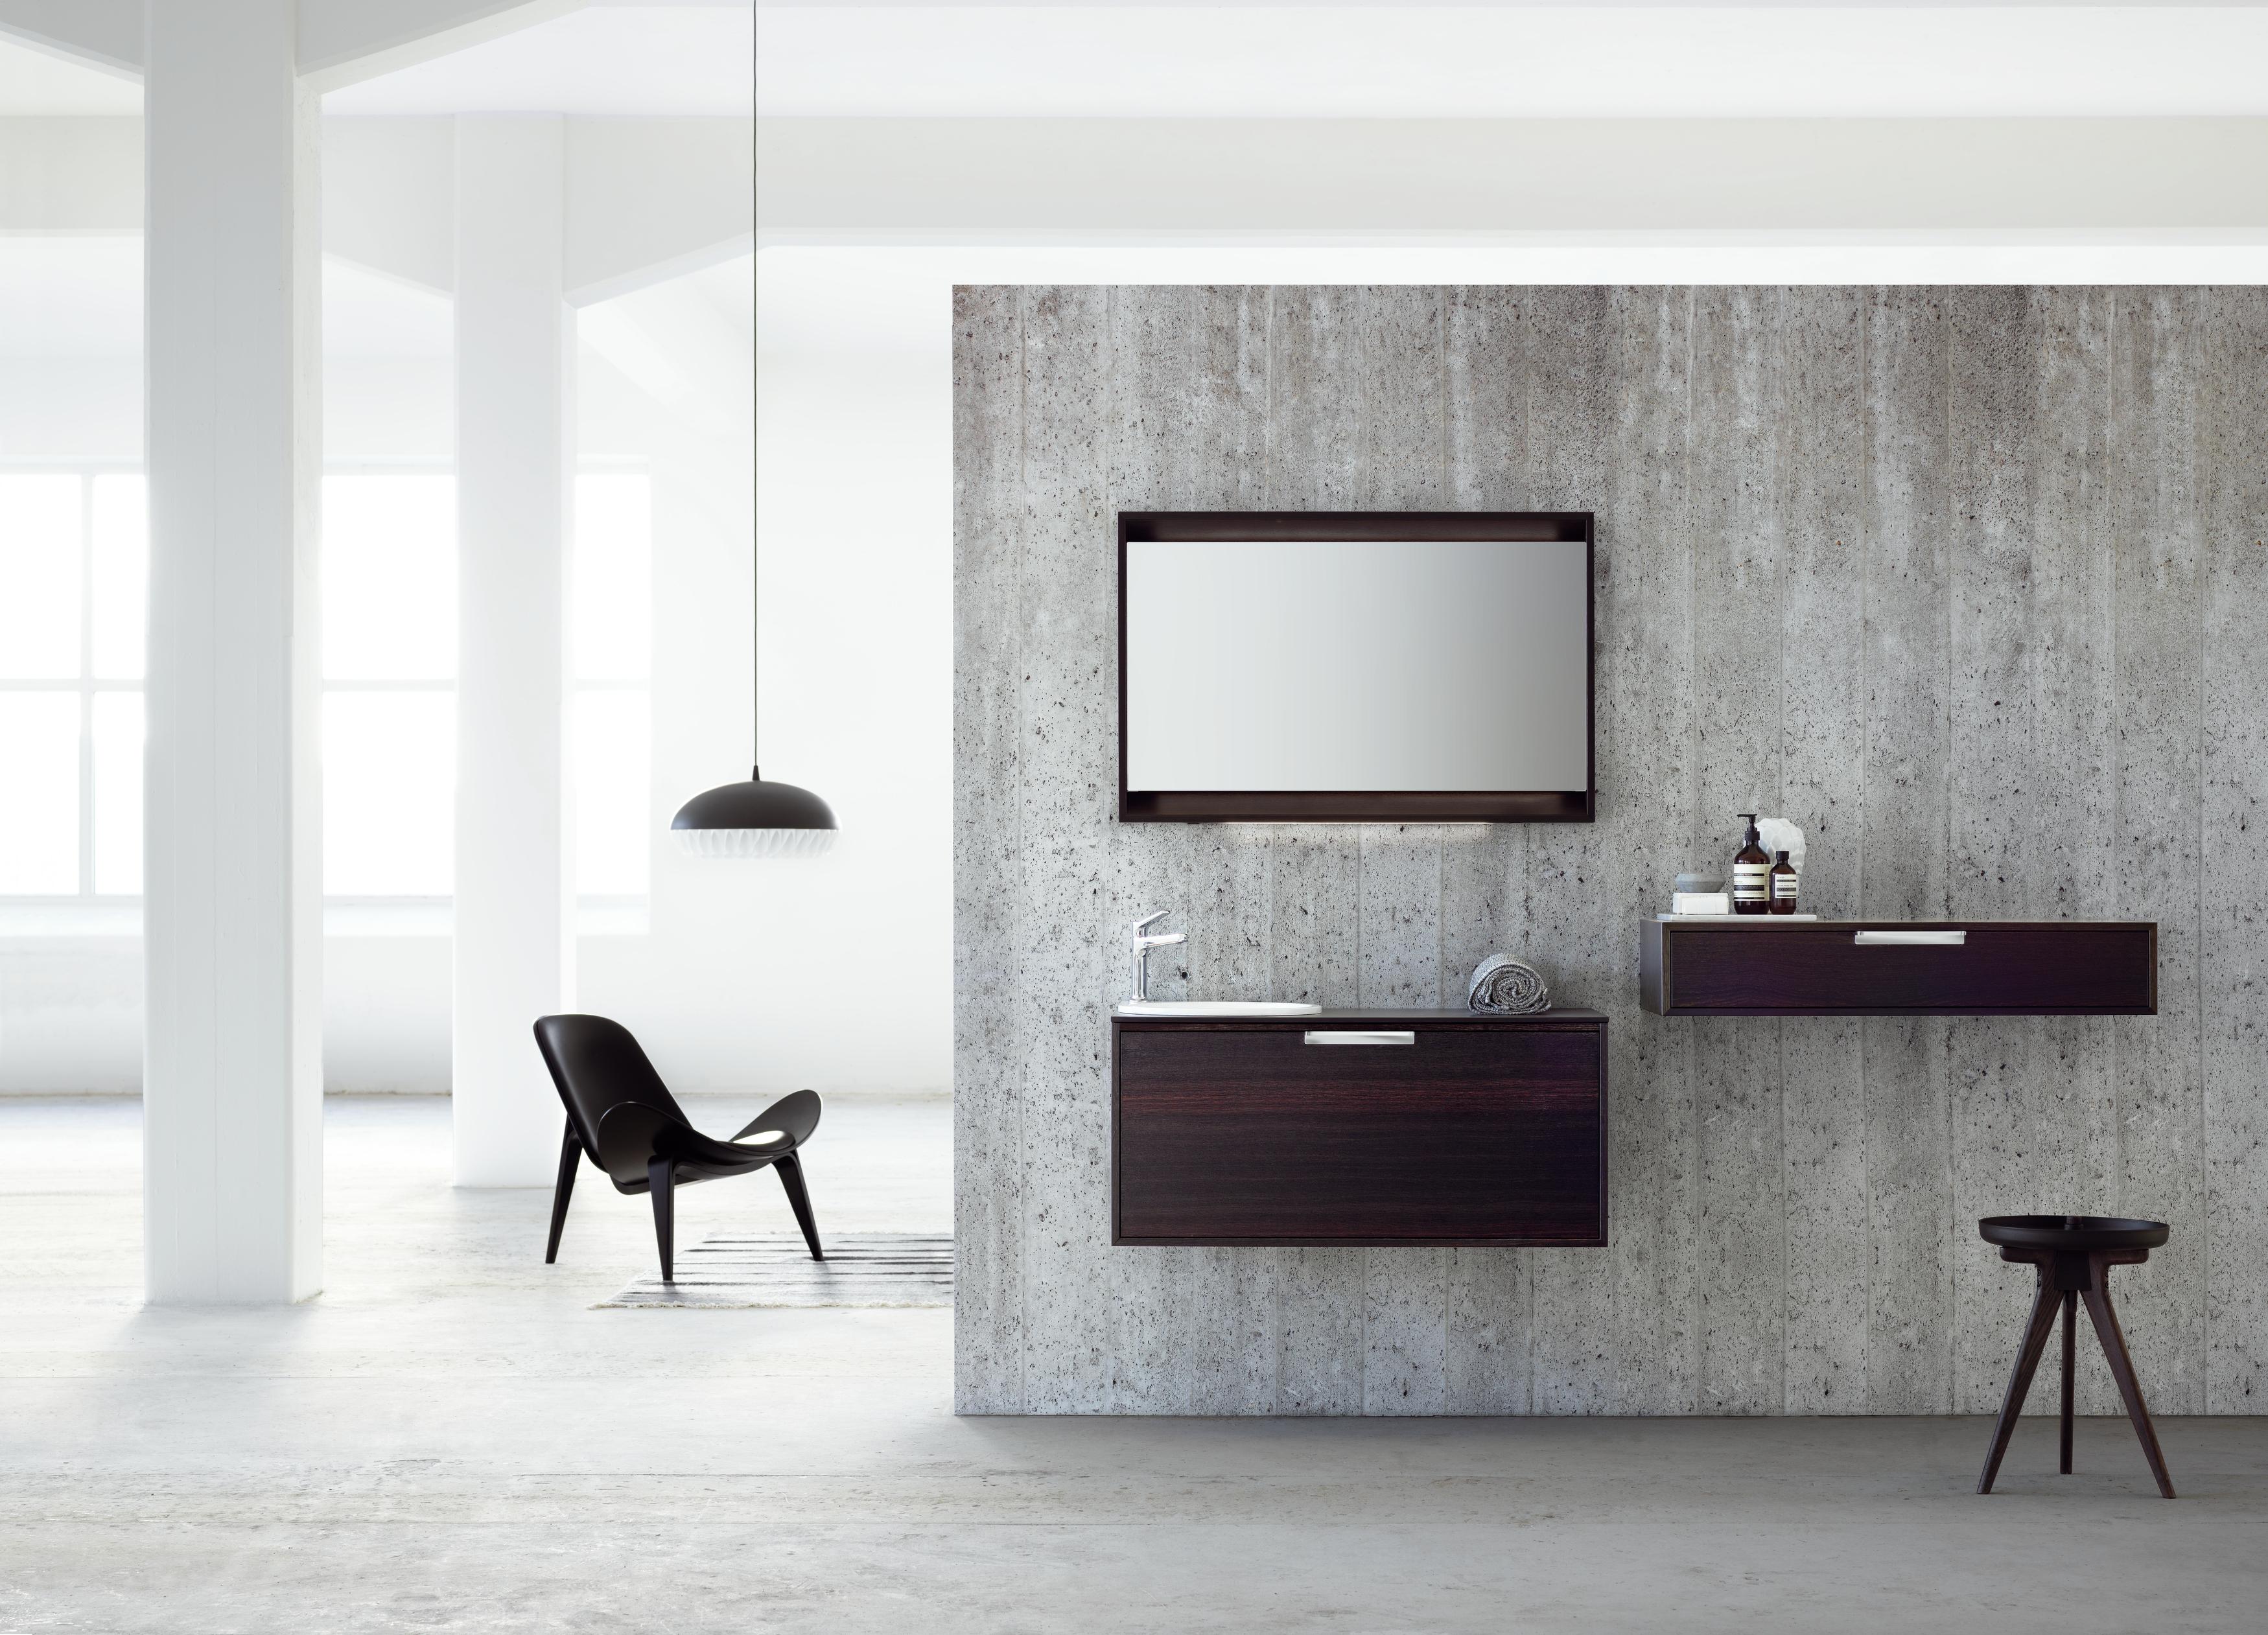 Dekton i fyra badrumskoncept från Svedbergs - Byggkontakt